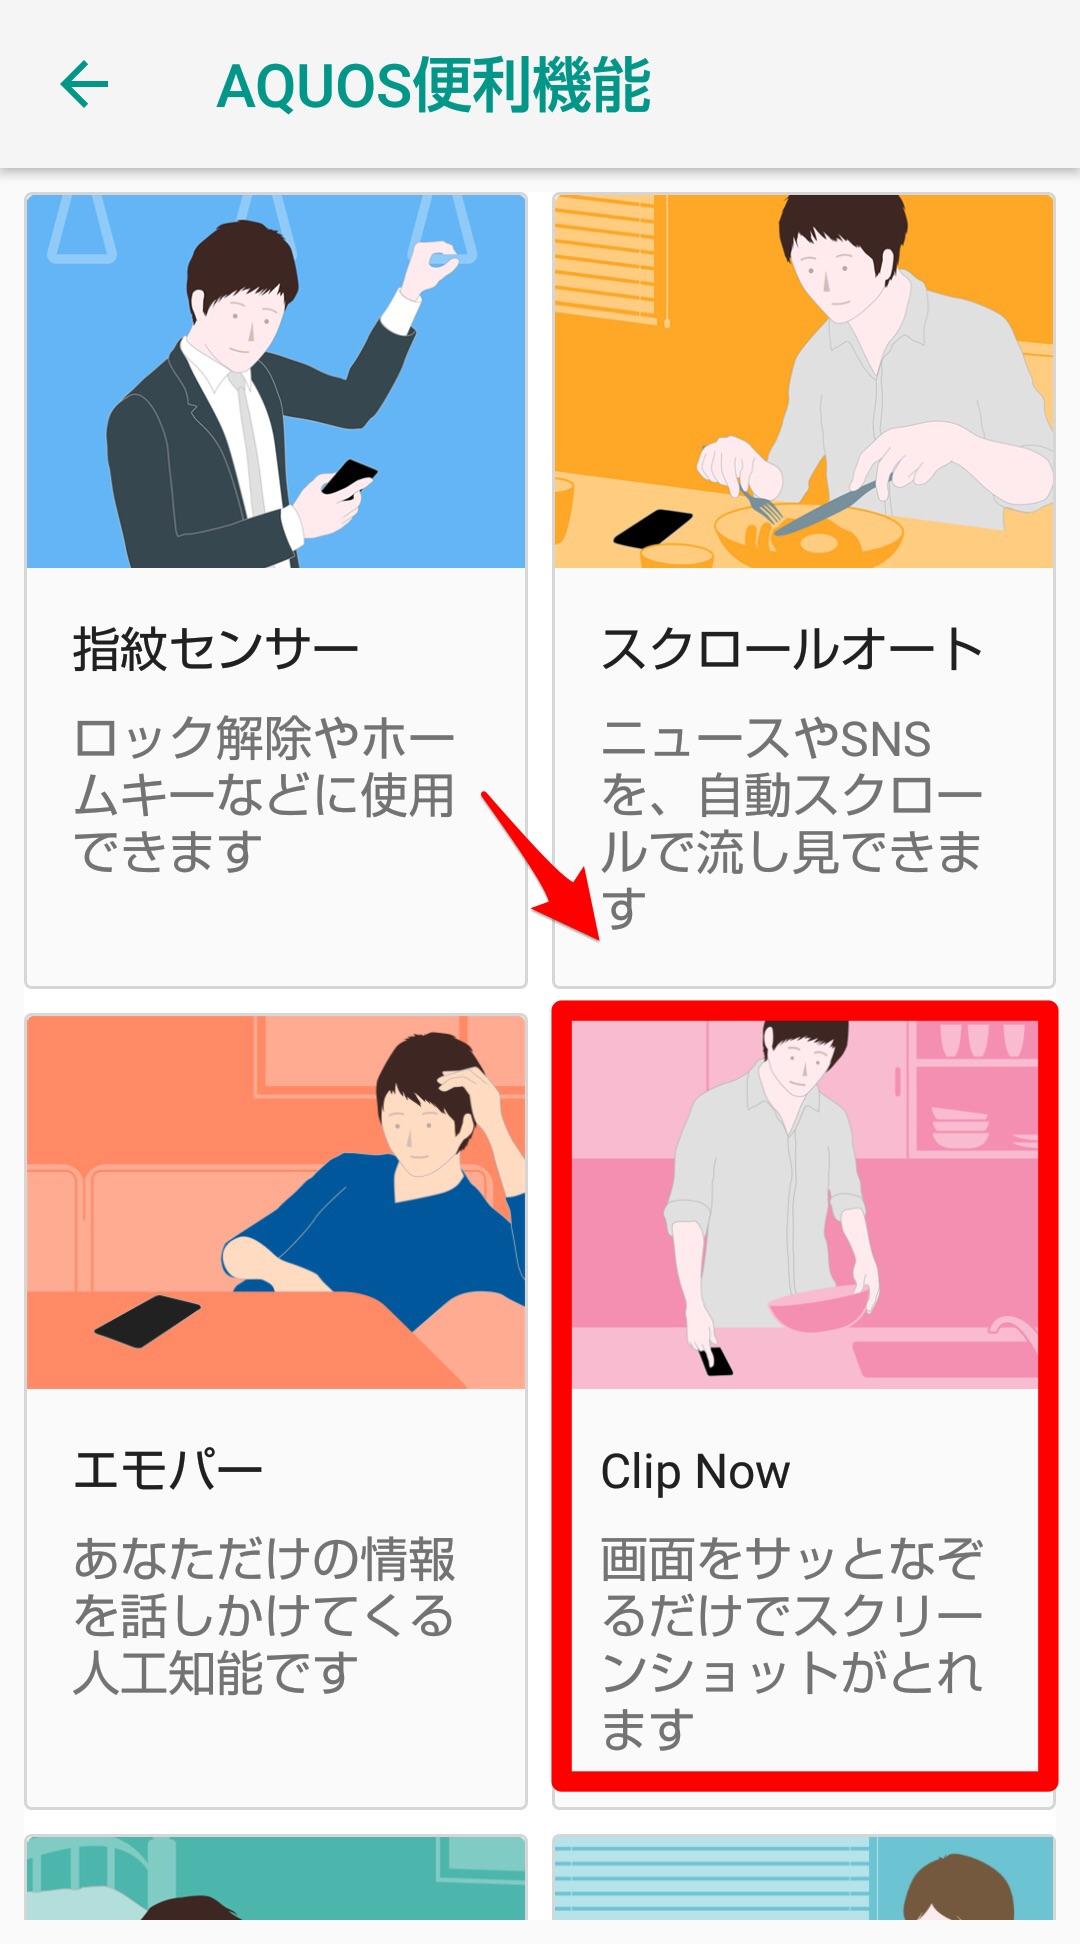 Clip Now